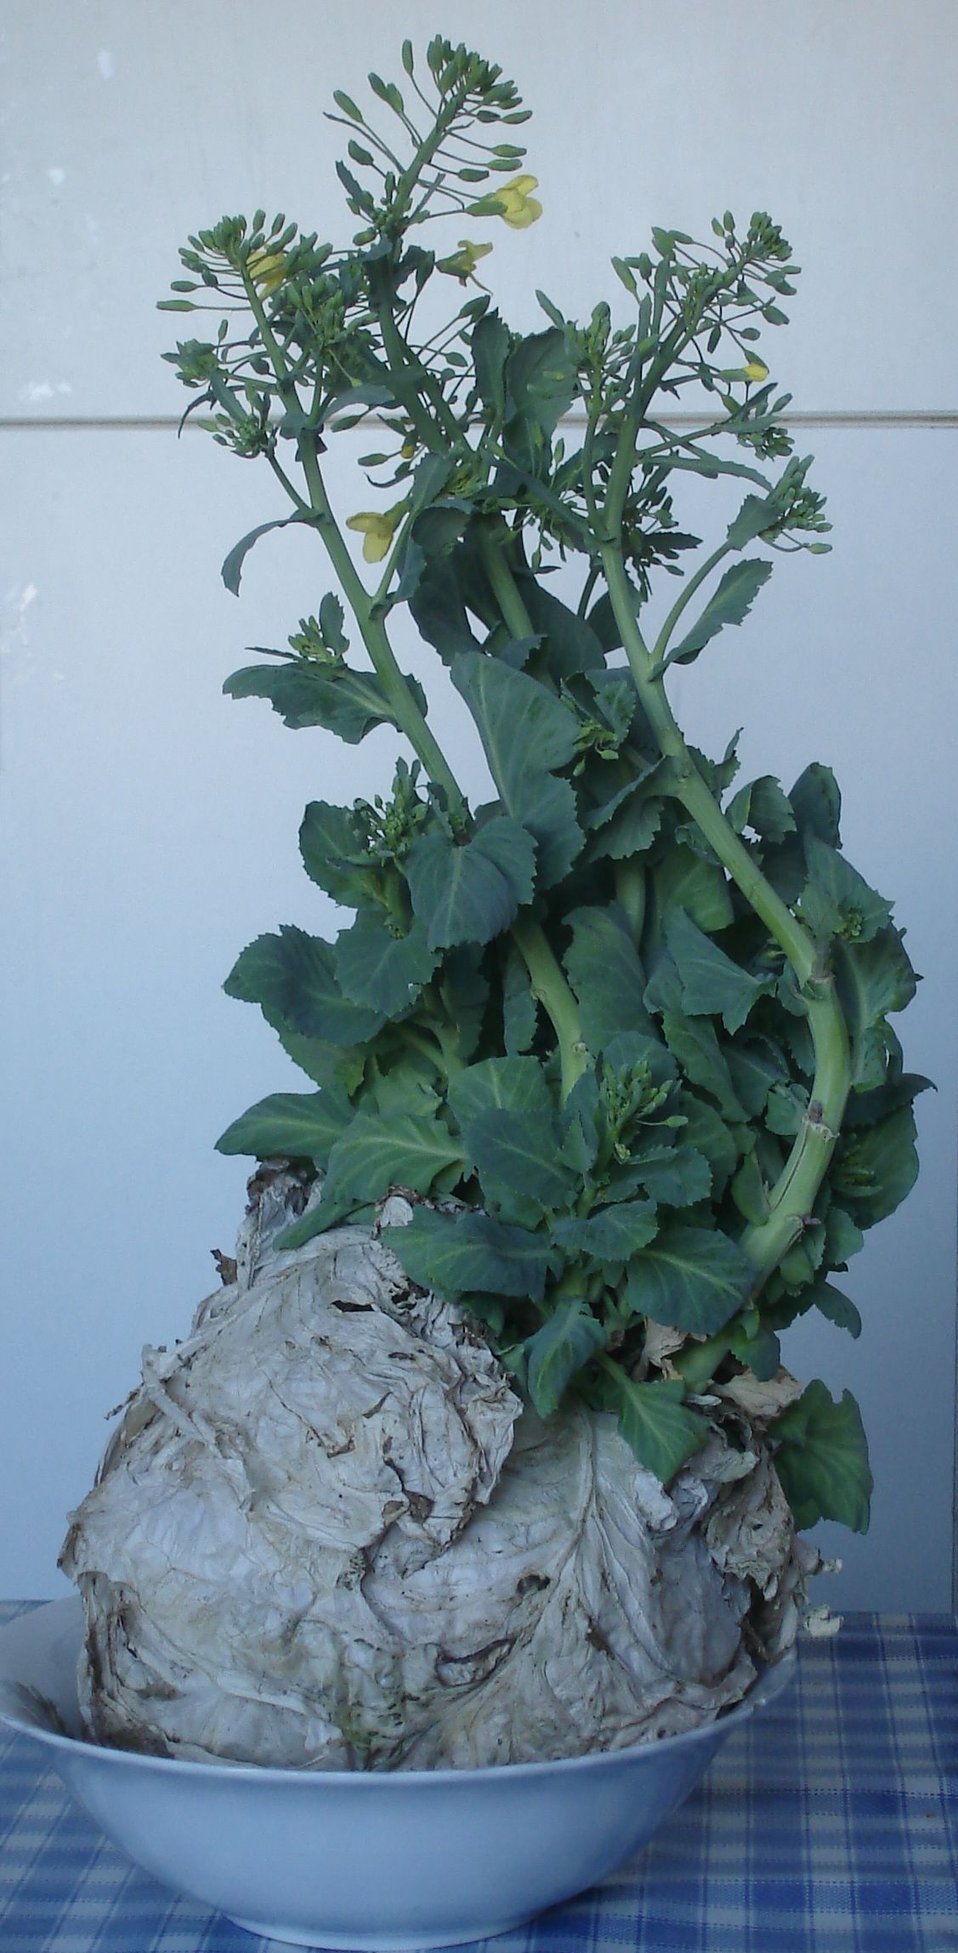 Română:  Varză înflorită în ianuarie 2008, după ce a stat pe balcon din toamnă Cabbage in blossom in January 2008 after being held on a closed balcony since the autumn 2007